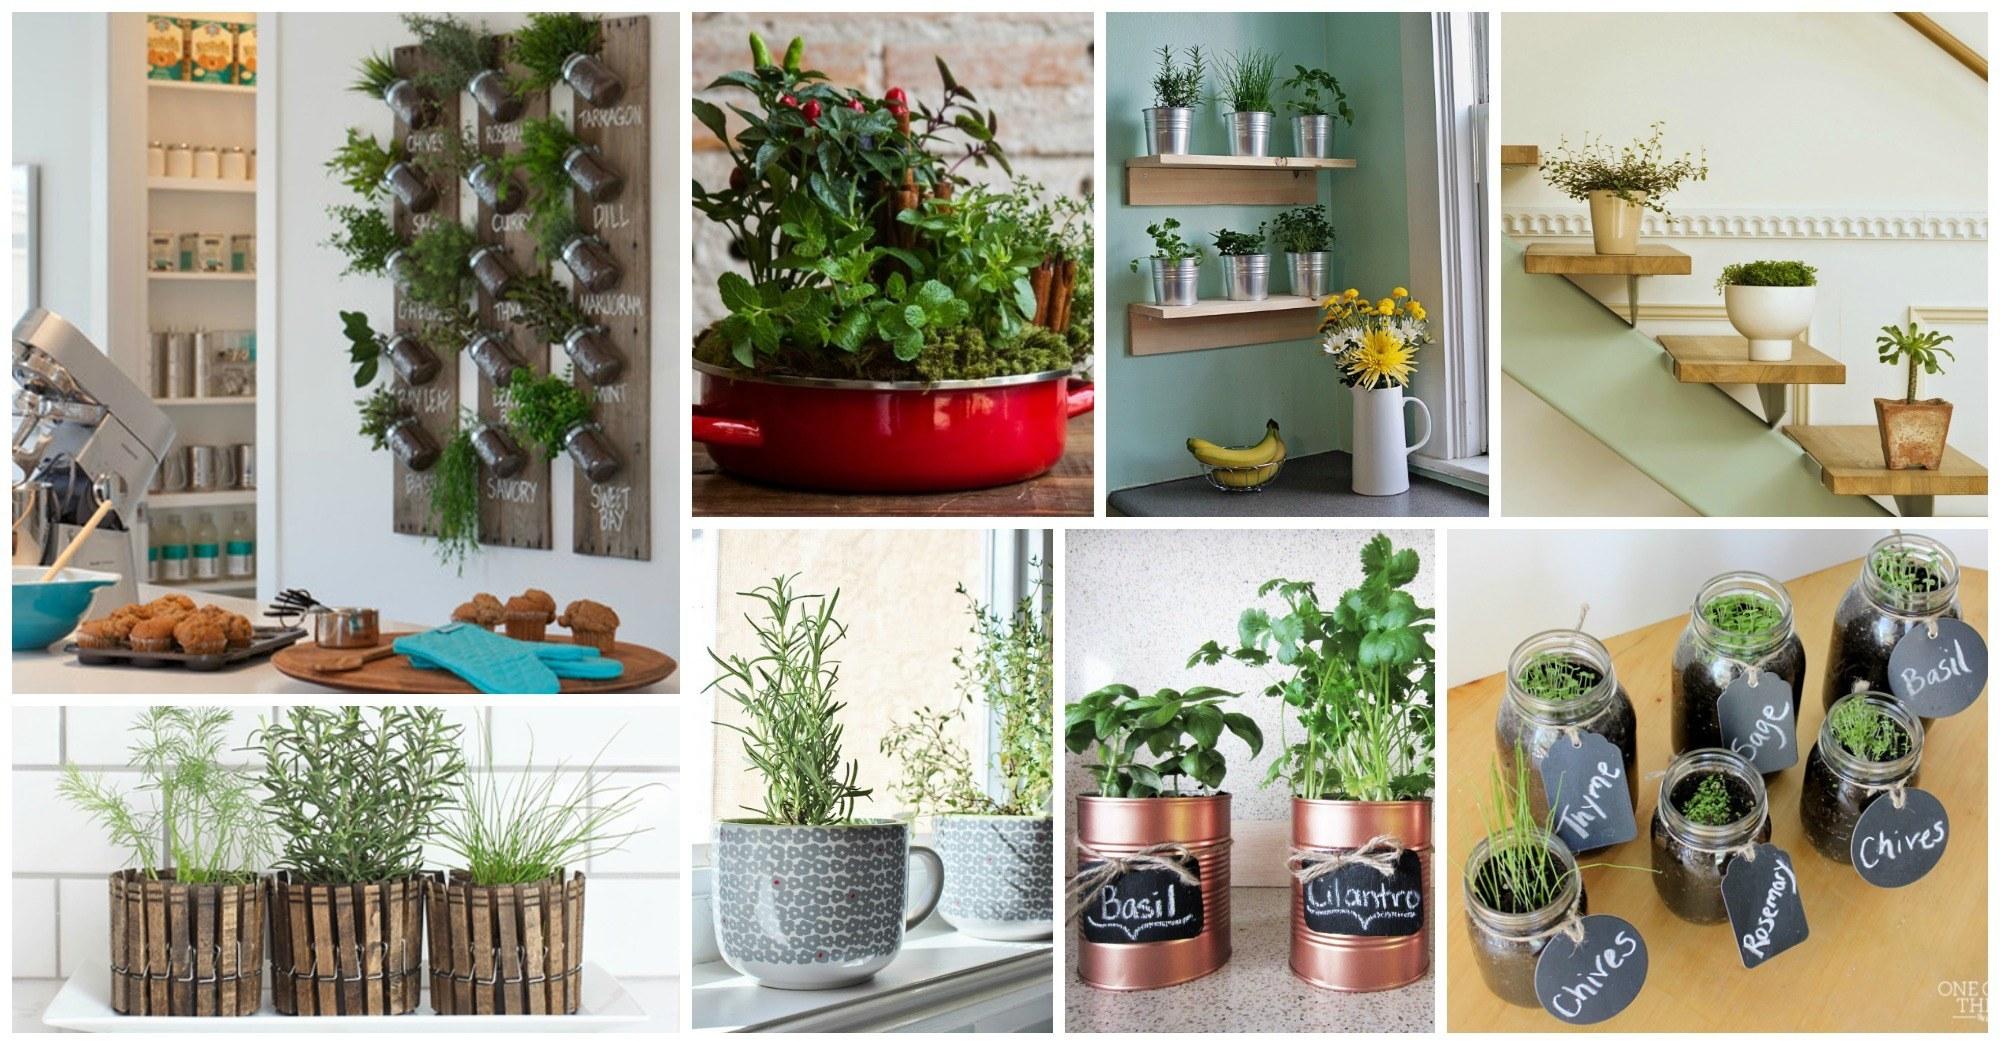 Jardines originales para embellecer su cocina for Jardines originales